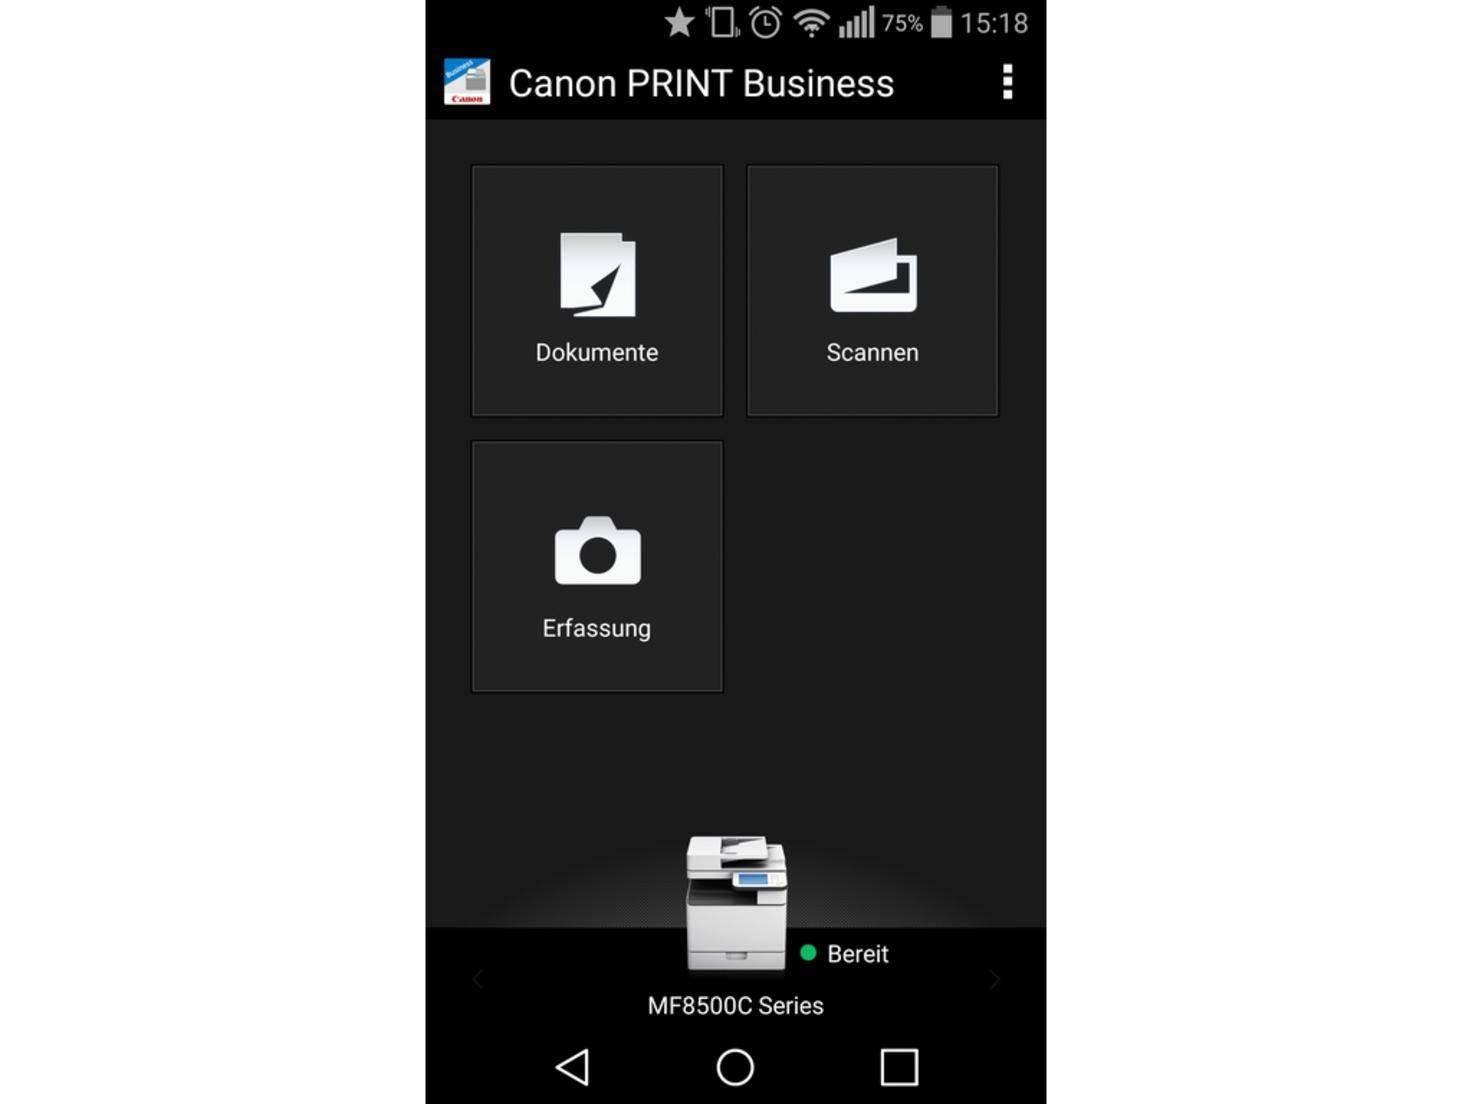 Mit der Canon-App wird der Drucker im WLAN-Netz gefunden.